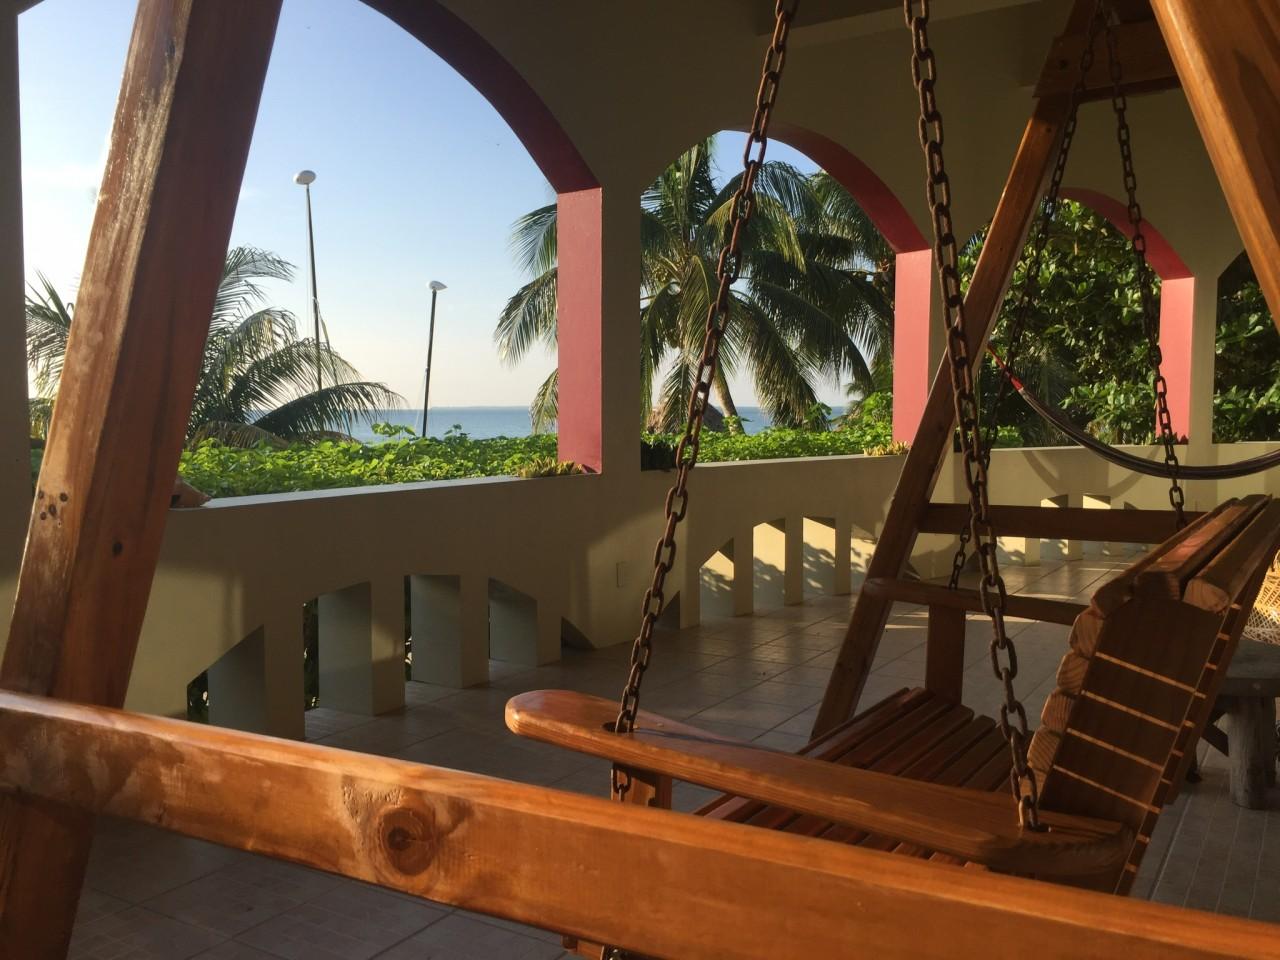 SGCR-Villa_oceanfront-veranda-with-porch-swing